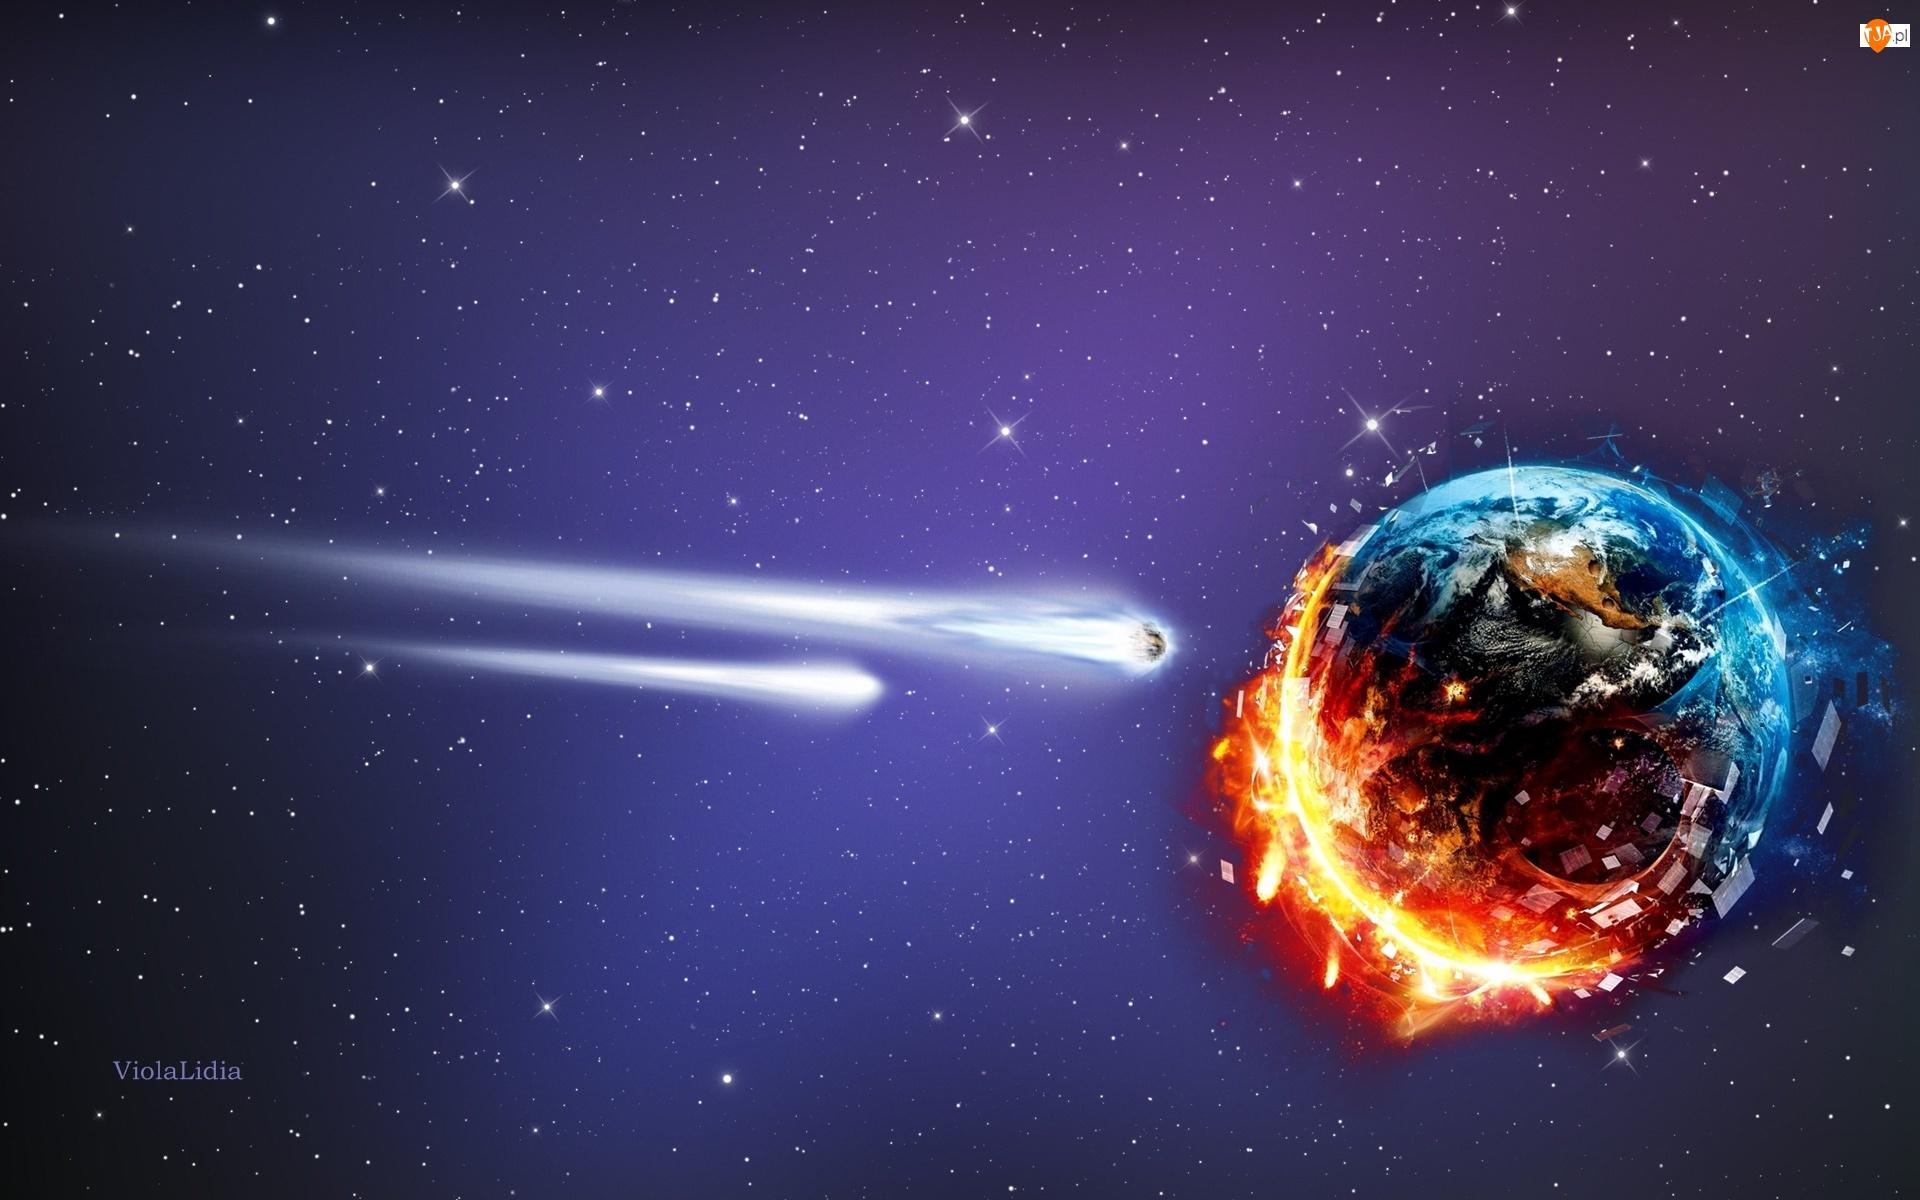 Ziemia, Komety, Grafika, Kosmos, Planeta, Meteoryty